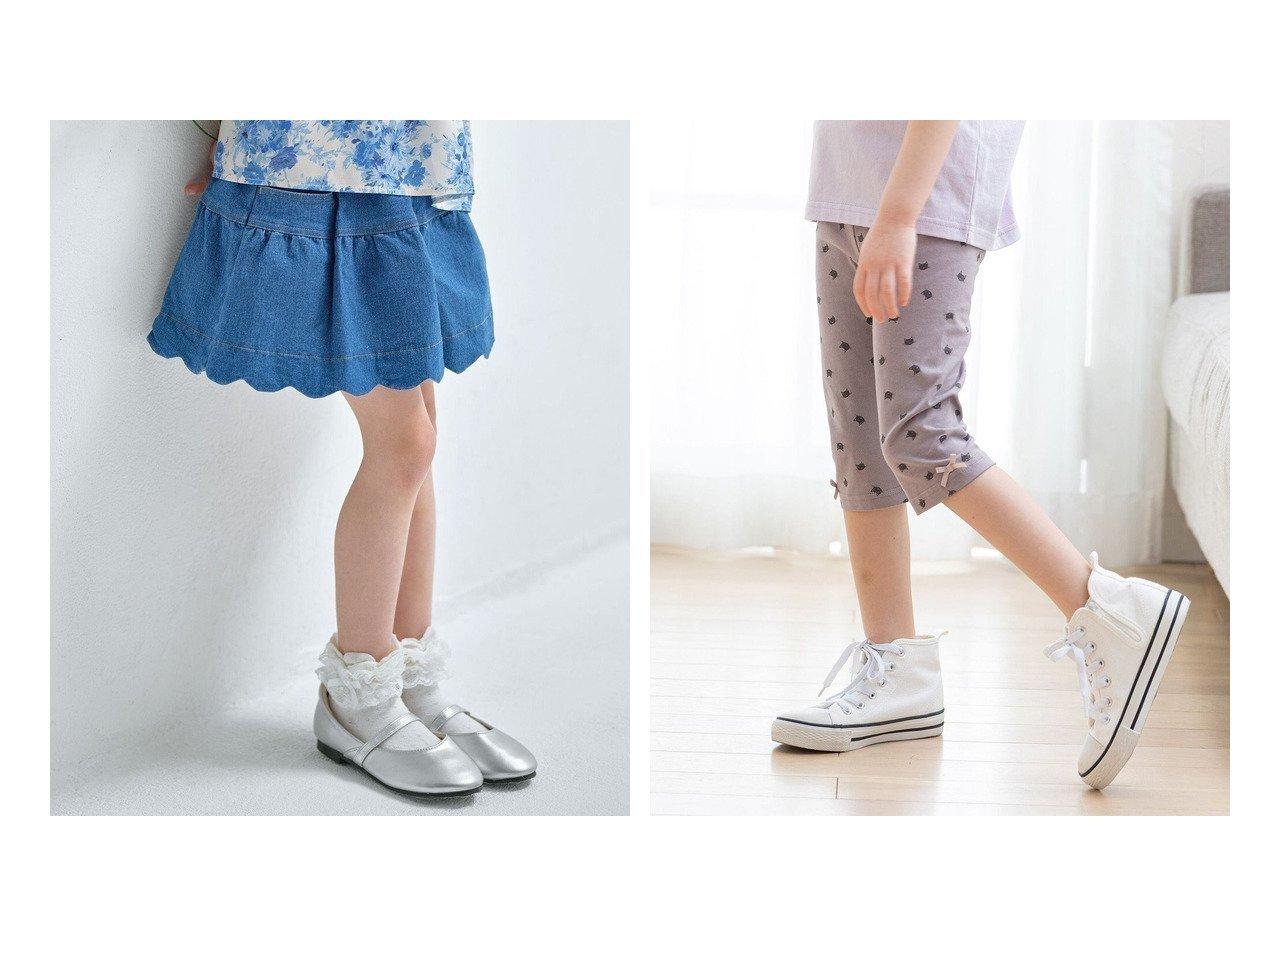 【KUMIKYOKU / KIDS/組曲】の【WEB限定/150-170cm】デニム キュロット&【anyFAM / KIDS/エニファム】の裾リボン 6分丈レギンス 【KIDS】子供服のおすすめ!人気トレンド・キッズファッションの通販 おすすめで人気の流行・トレンド、ファッションの通販商品 メンズファッション・キッズファッション・インテリア・家具・レディースファッション・服の通販 founy(ファニー) https://founy.com/ ファッション Fashion キッズファッション KIDS ボトムス Bottoms/Kids 洗える キュロット スカラップ デニム ポケット 楽ちん 送料無料 Free Shipping  ID:crp329100000035742